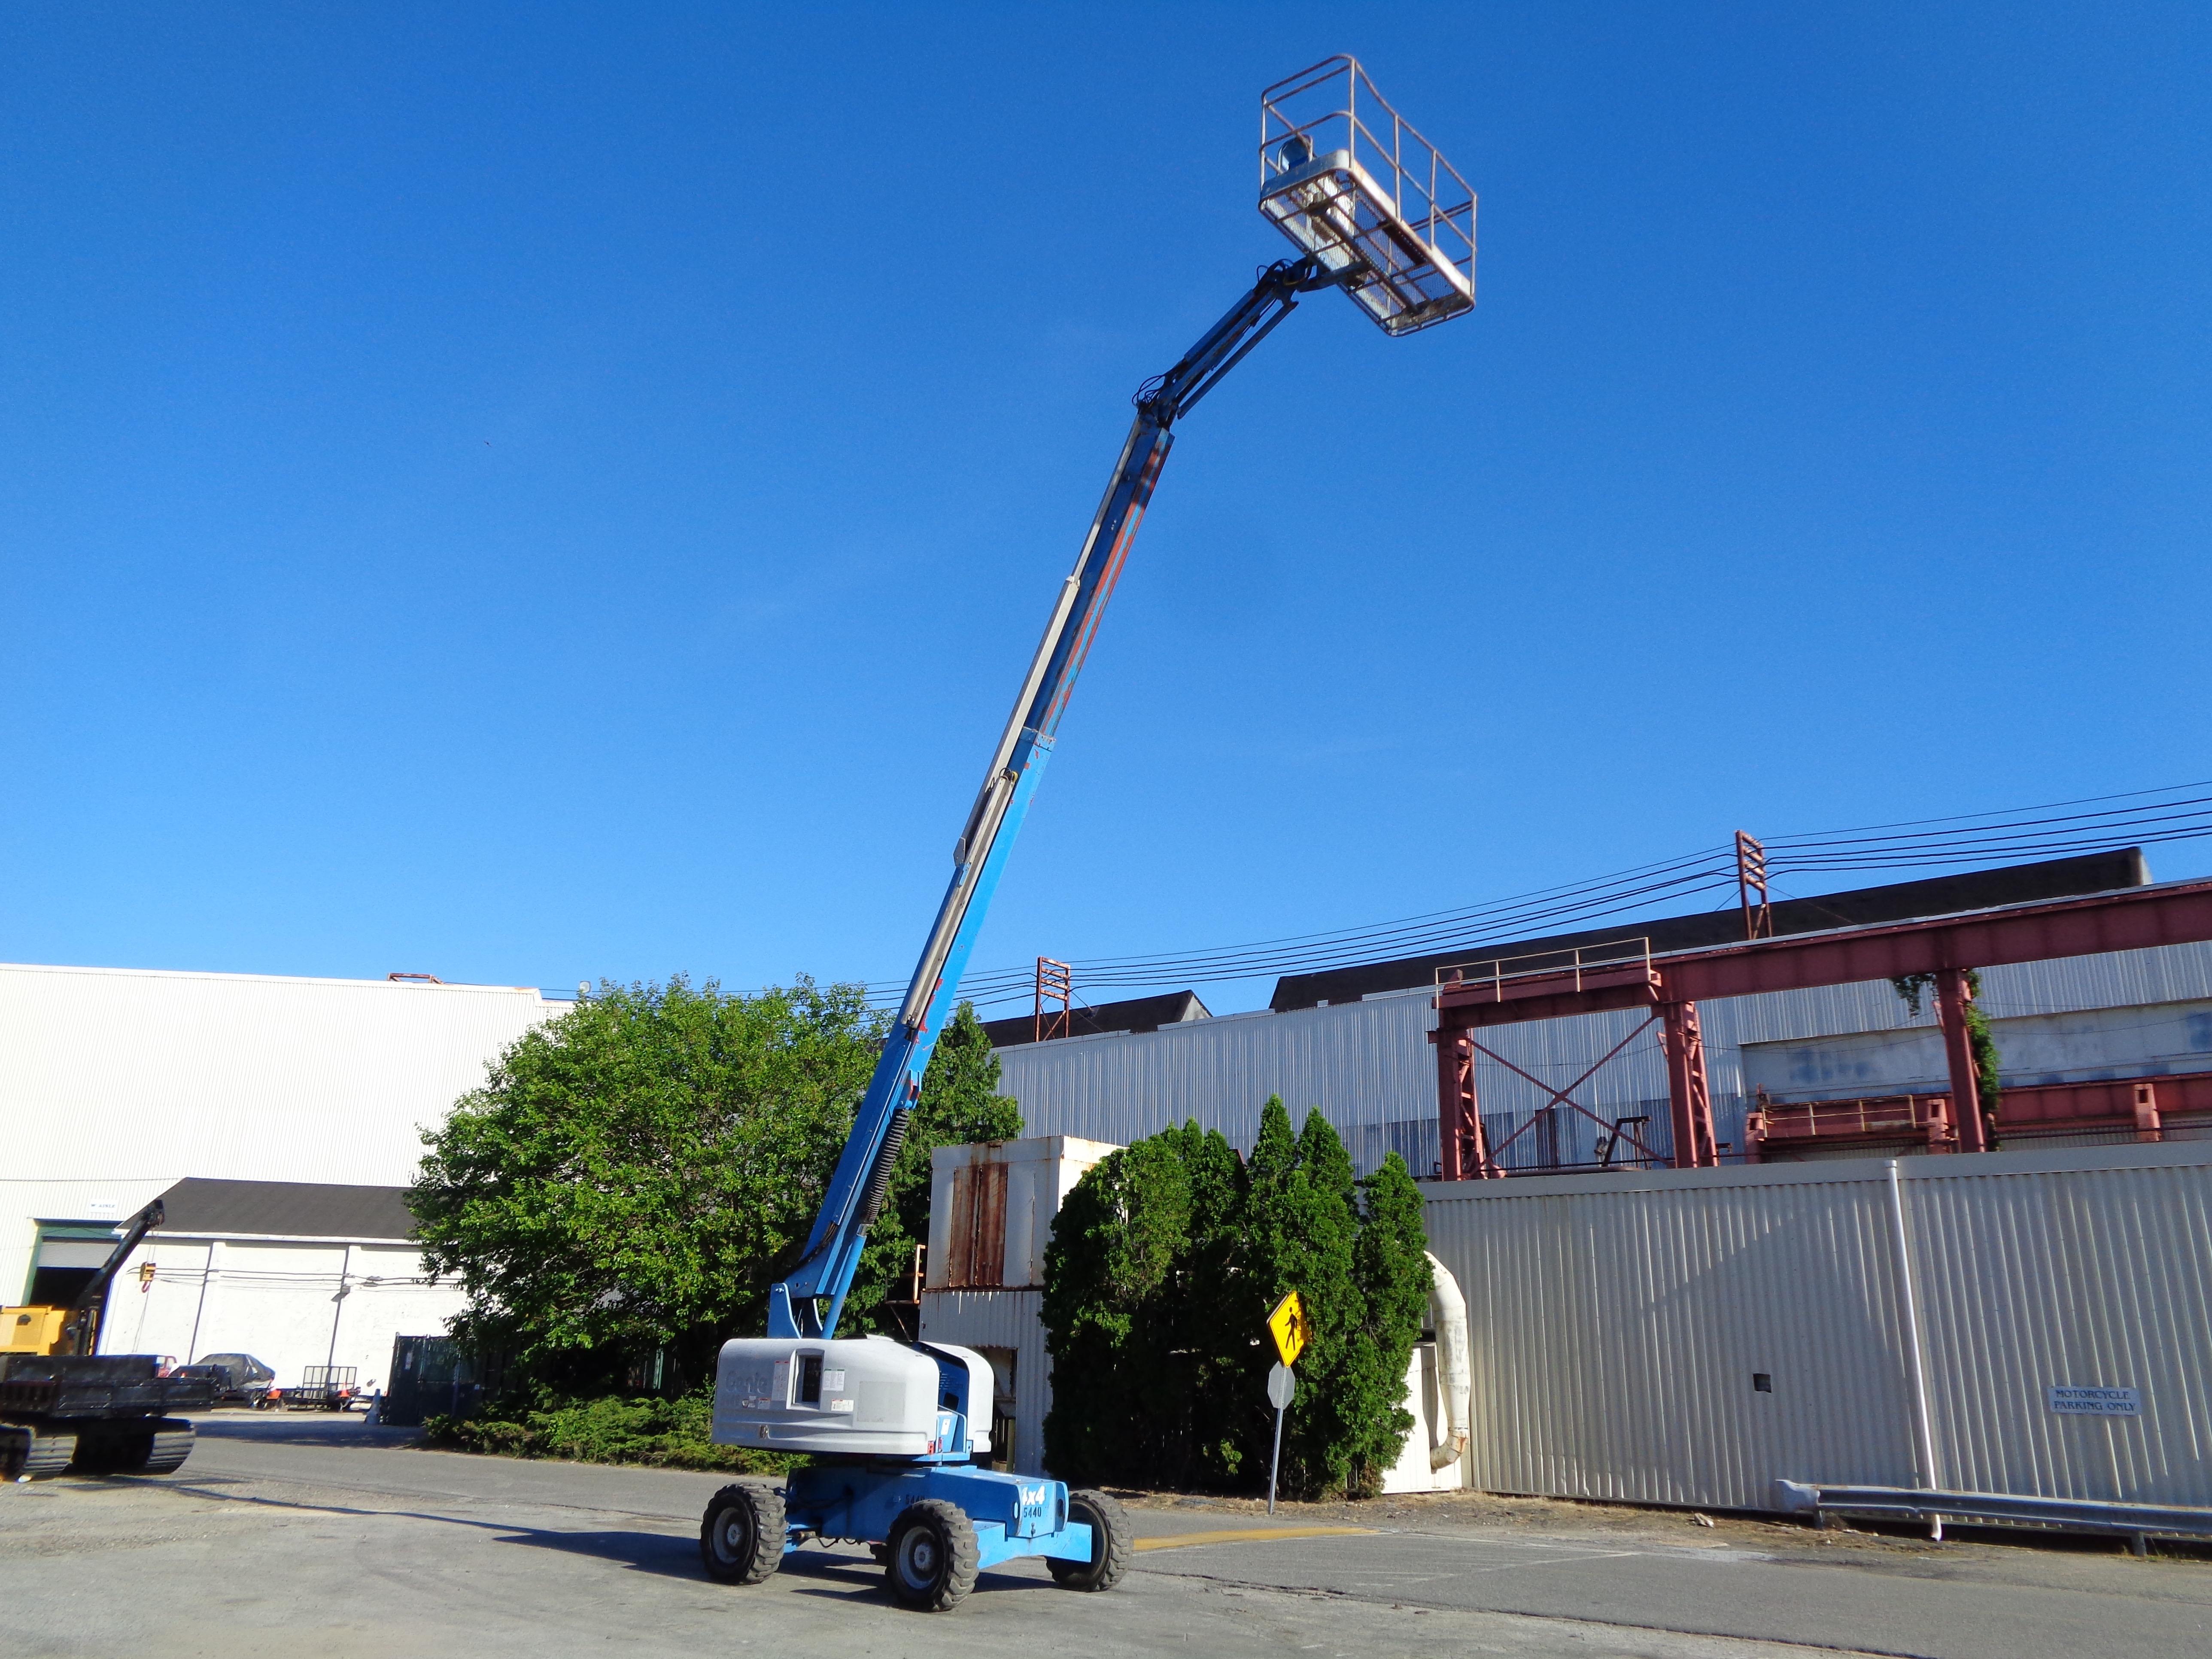 Lot 41 - Genie S45 Boom Man Aerial Scissor Lift 4x4 - 45ft Height